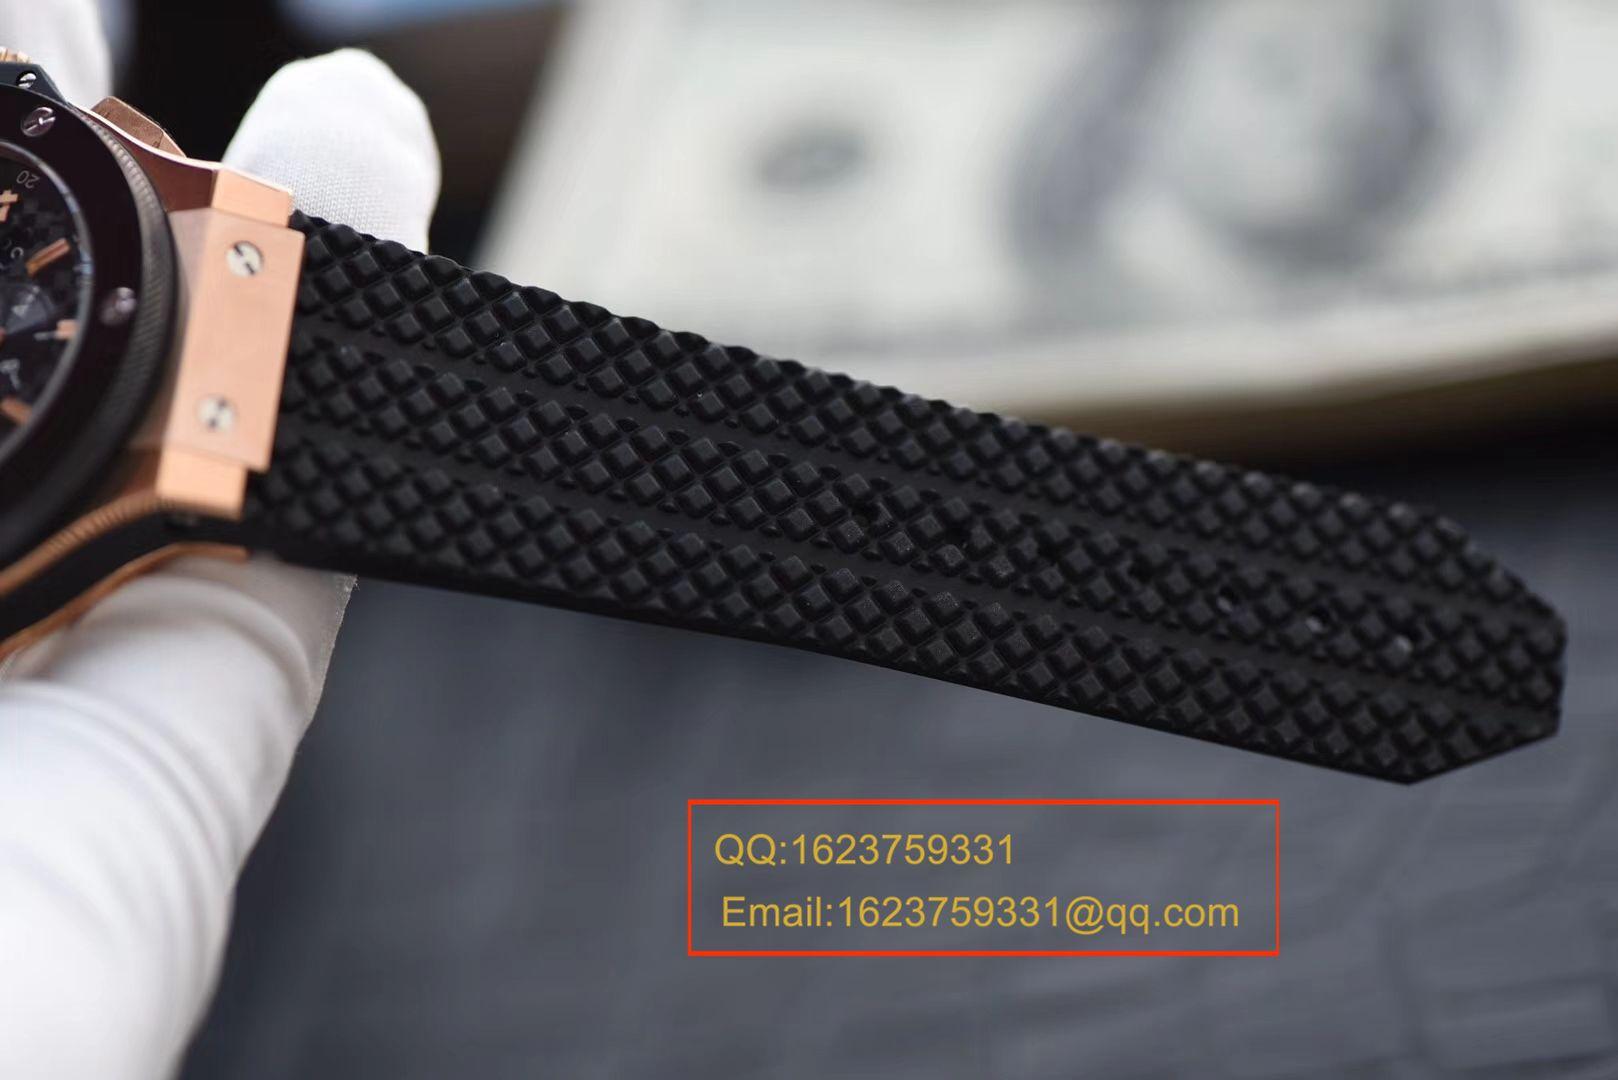 视频评测Hublot宇舶BIG BANG系列301.PB.131.RX腕表一比一超A复刻【V6出品最高版本宇舶大爆炸金壳陶瓷圈】